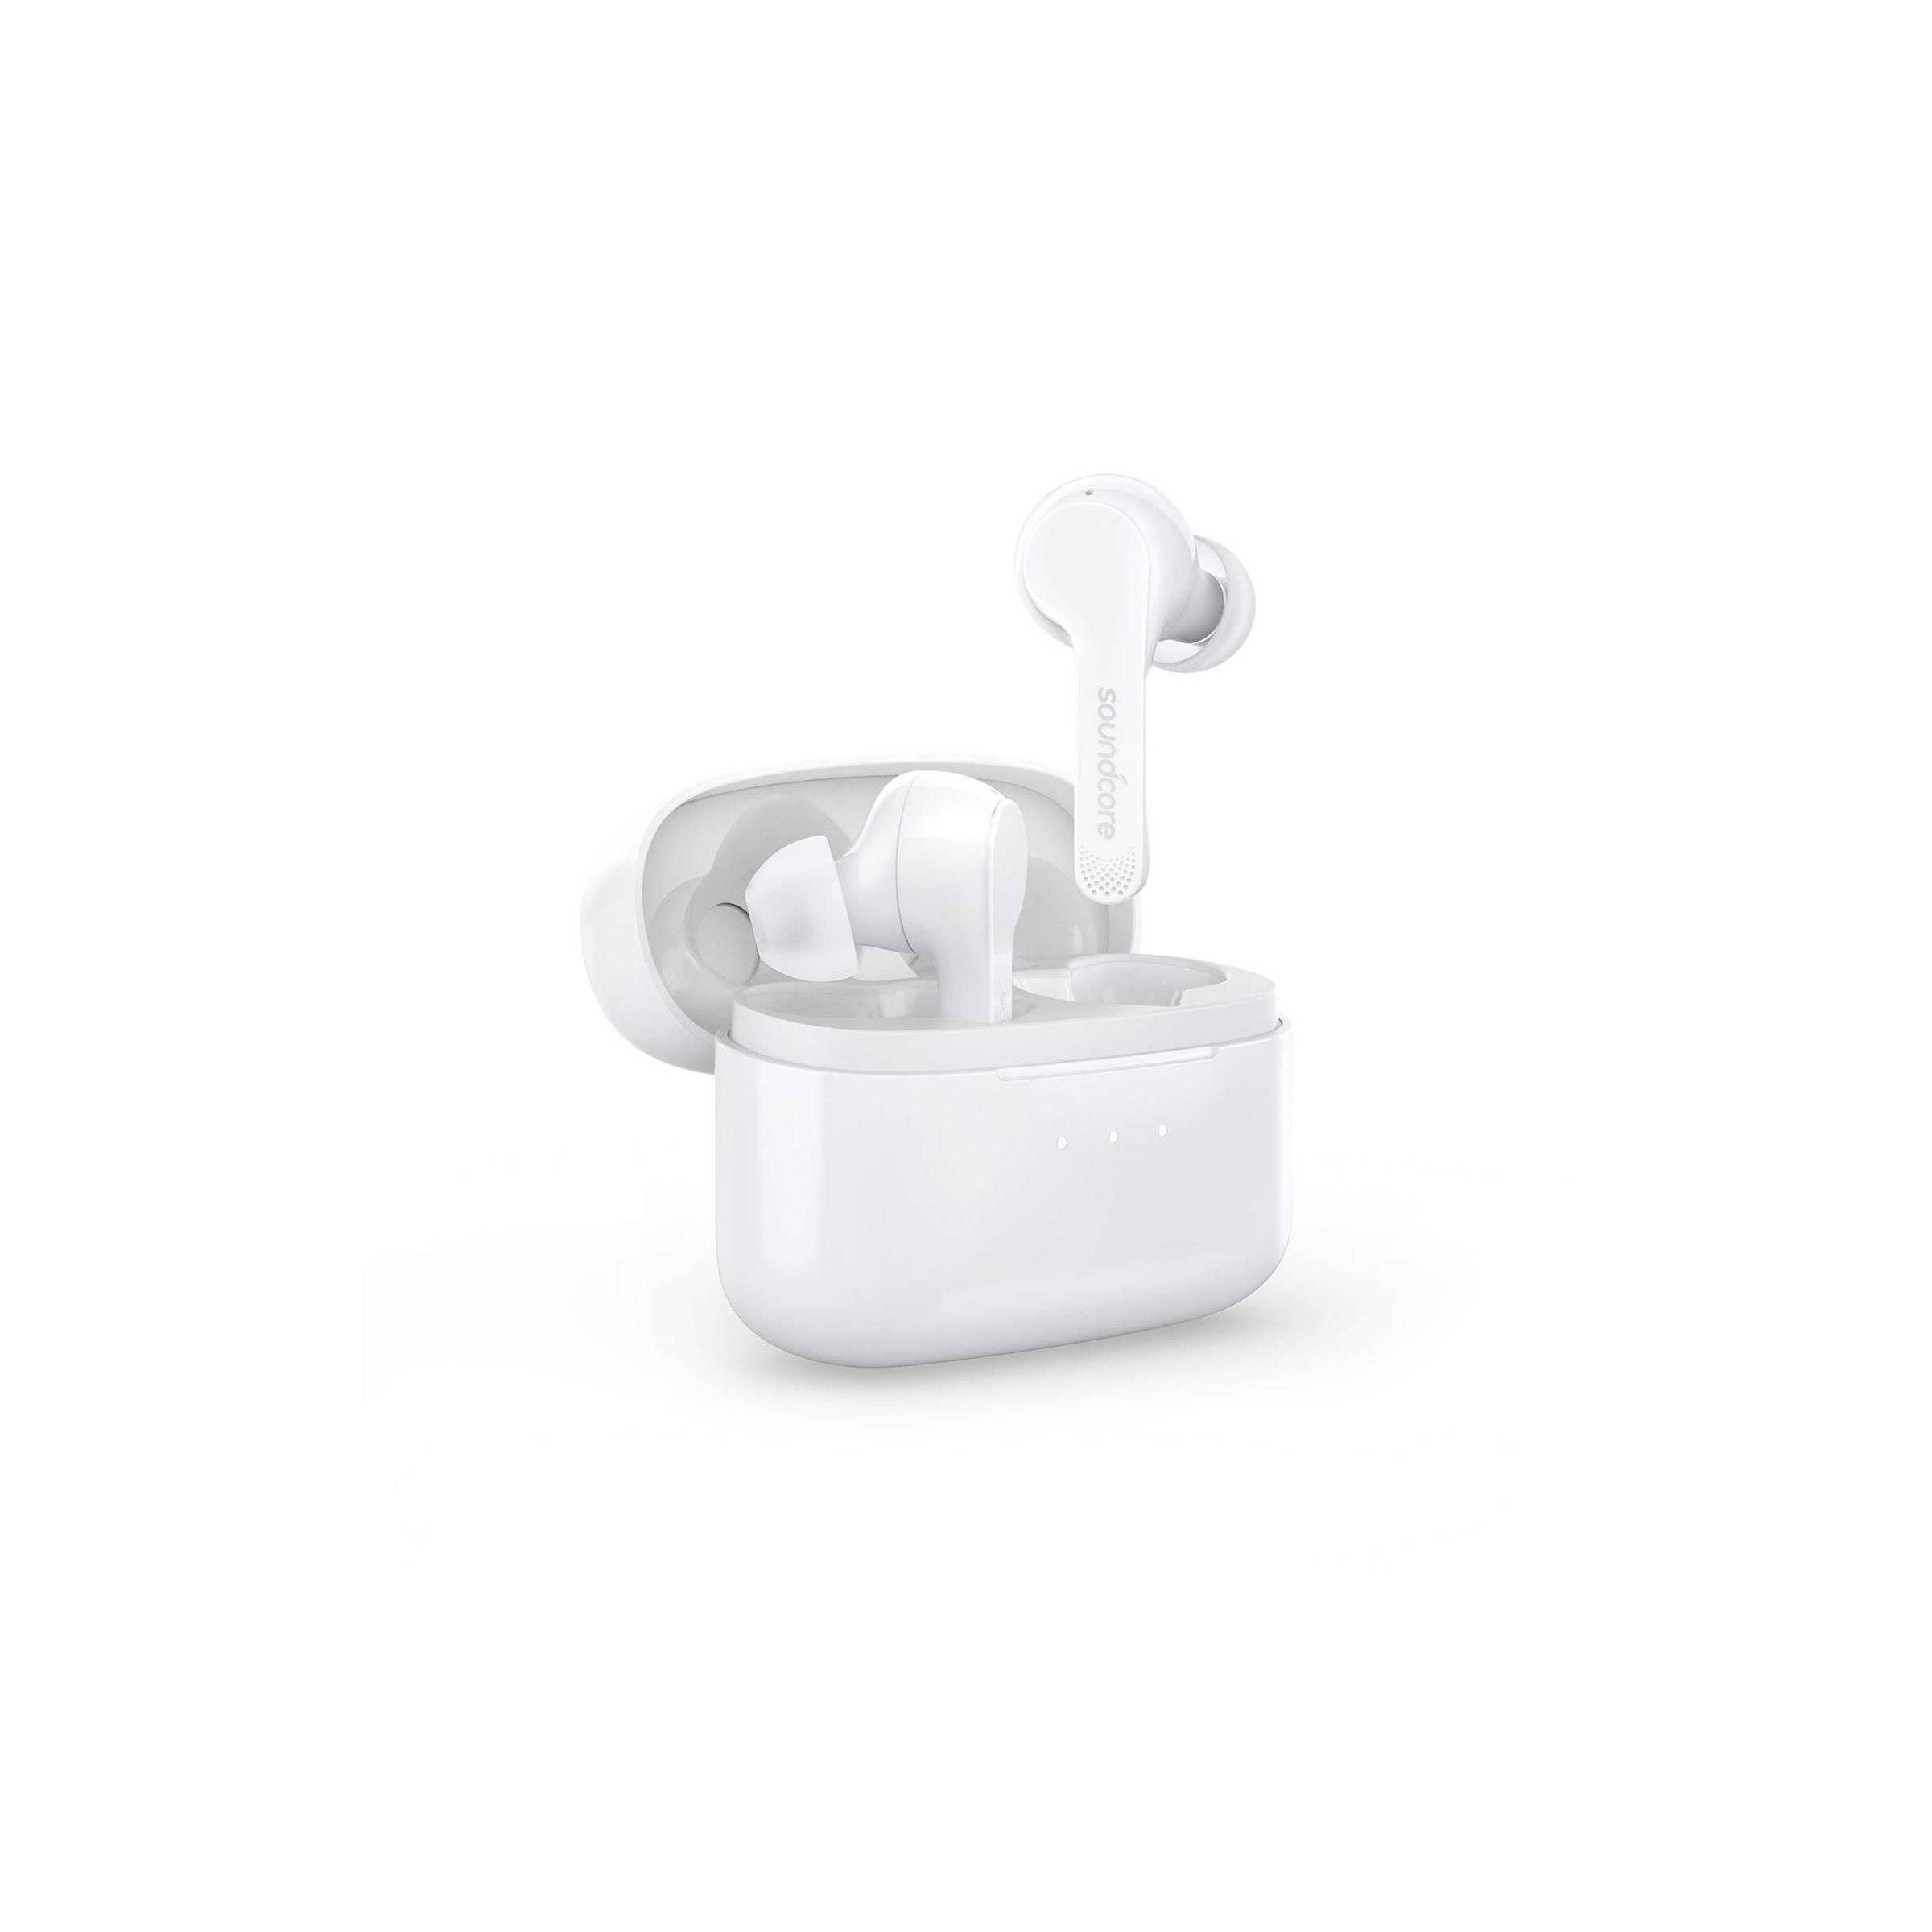 anker – Anker soundcore liberty air hvid/sort true wireless headset til iphone osv farve hvid på mackabler.dk